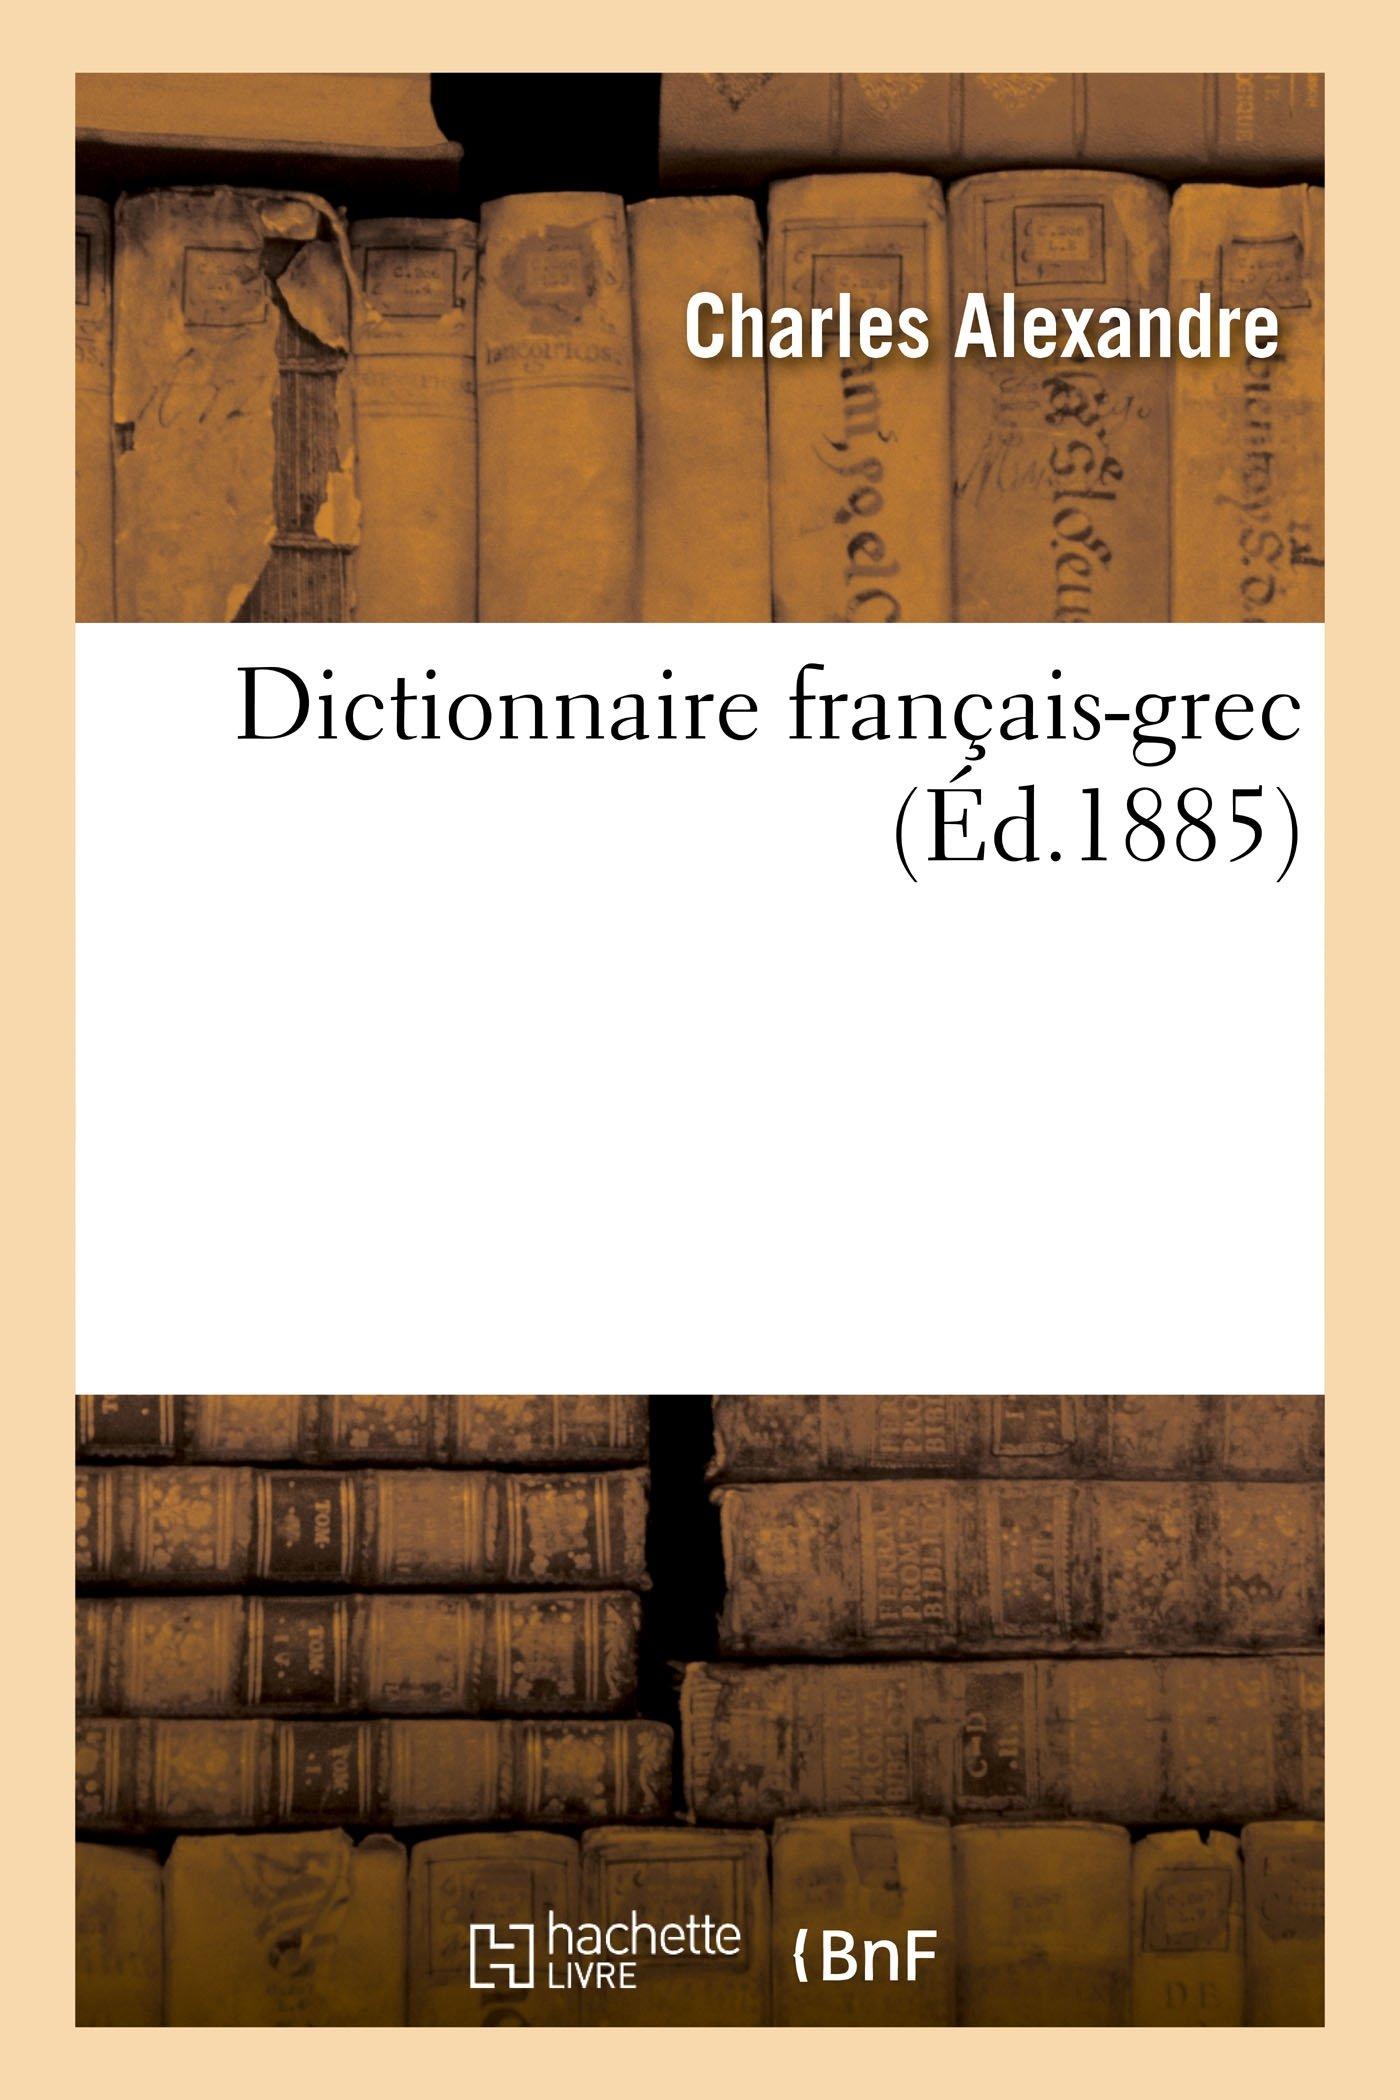 Dictionnaire Francais Grec Table Des Noms Irreguliers Table Tres Complete Des Verbes Irreguliers Ou Difficiles Et Vocabulaire Des Noms Propres Langues French Edition Alexandre Charles 9782019686123 Amazon Com Books